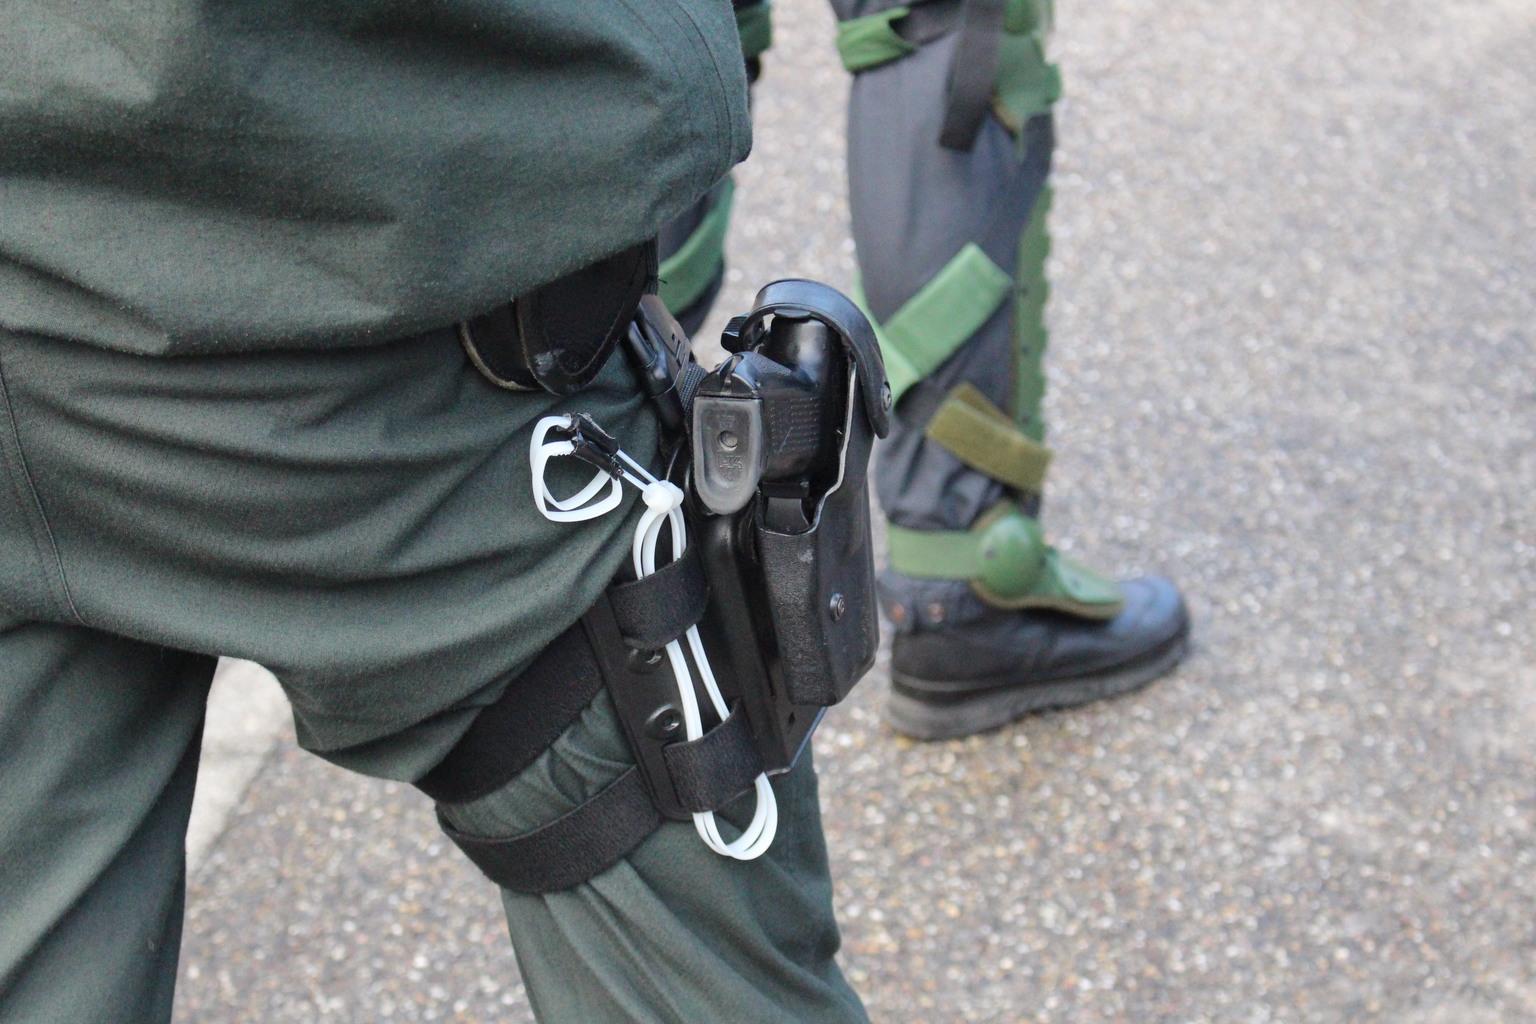 Polizeibeamter mit Schusswaffe